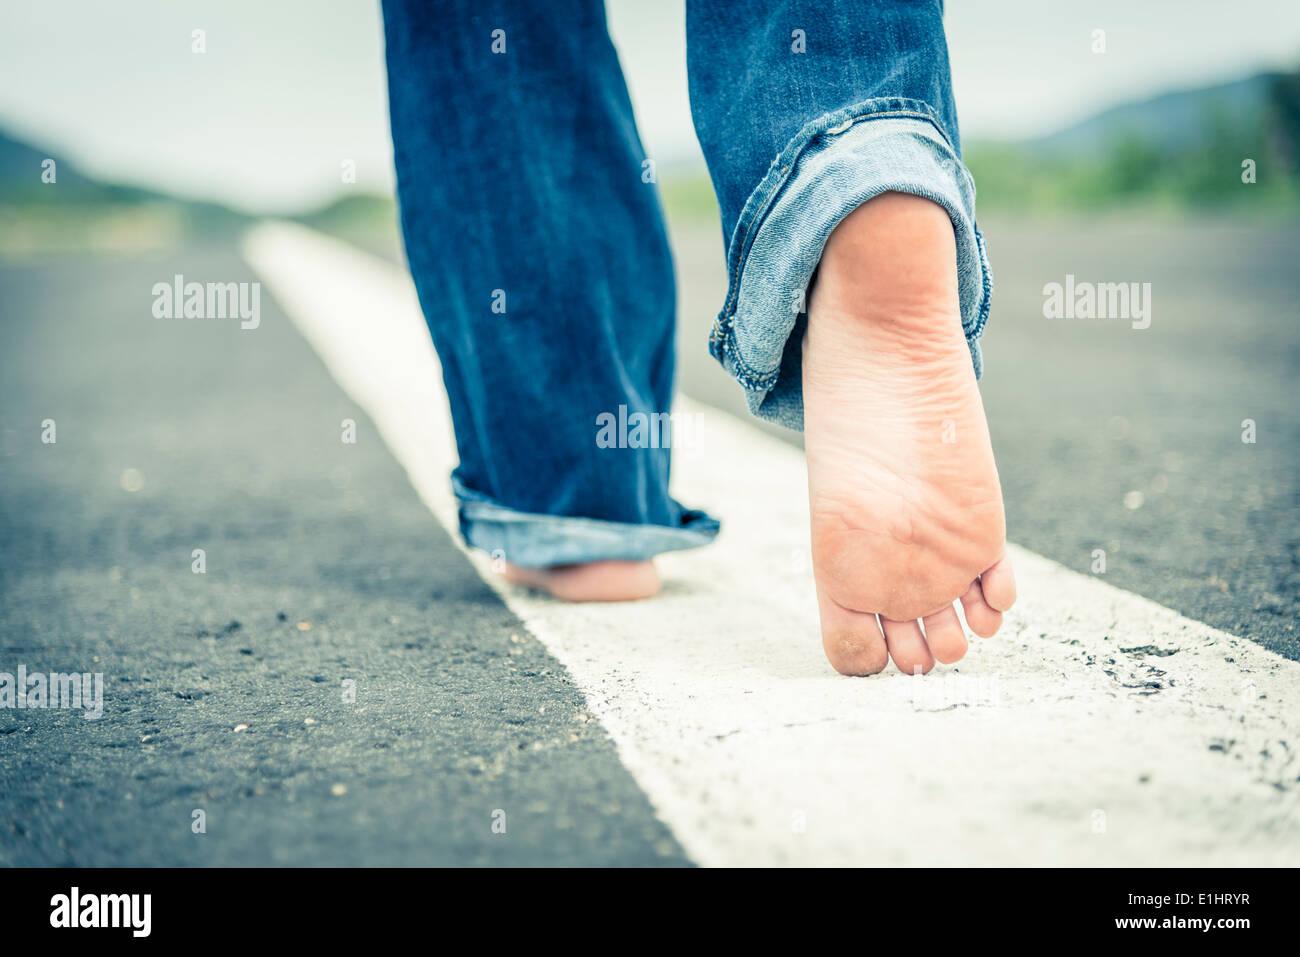 Giovane donna camminare a piedi scalzi sulla linea centrale del vuoto street, vista parziale Immagini Stock